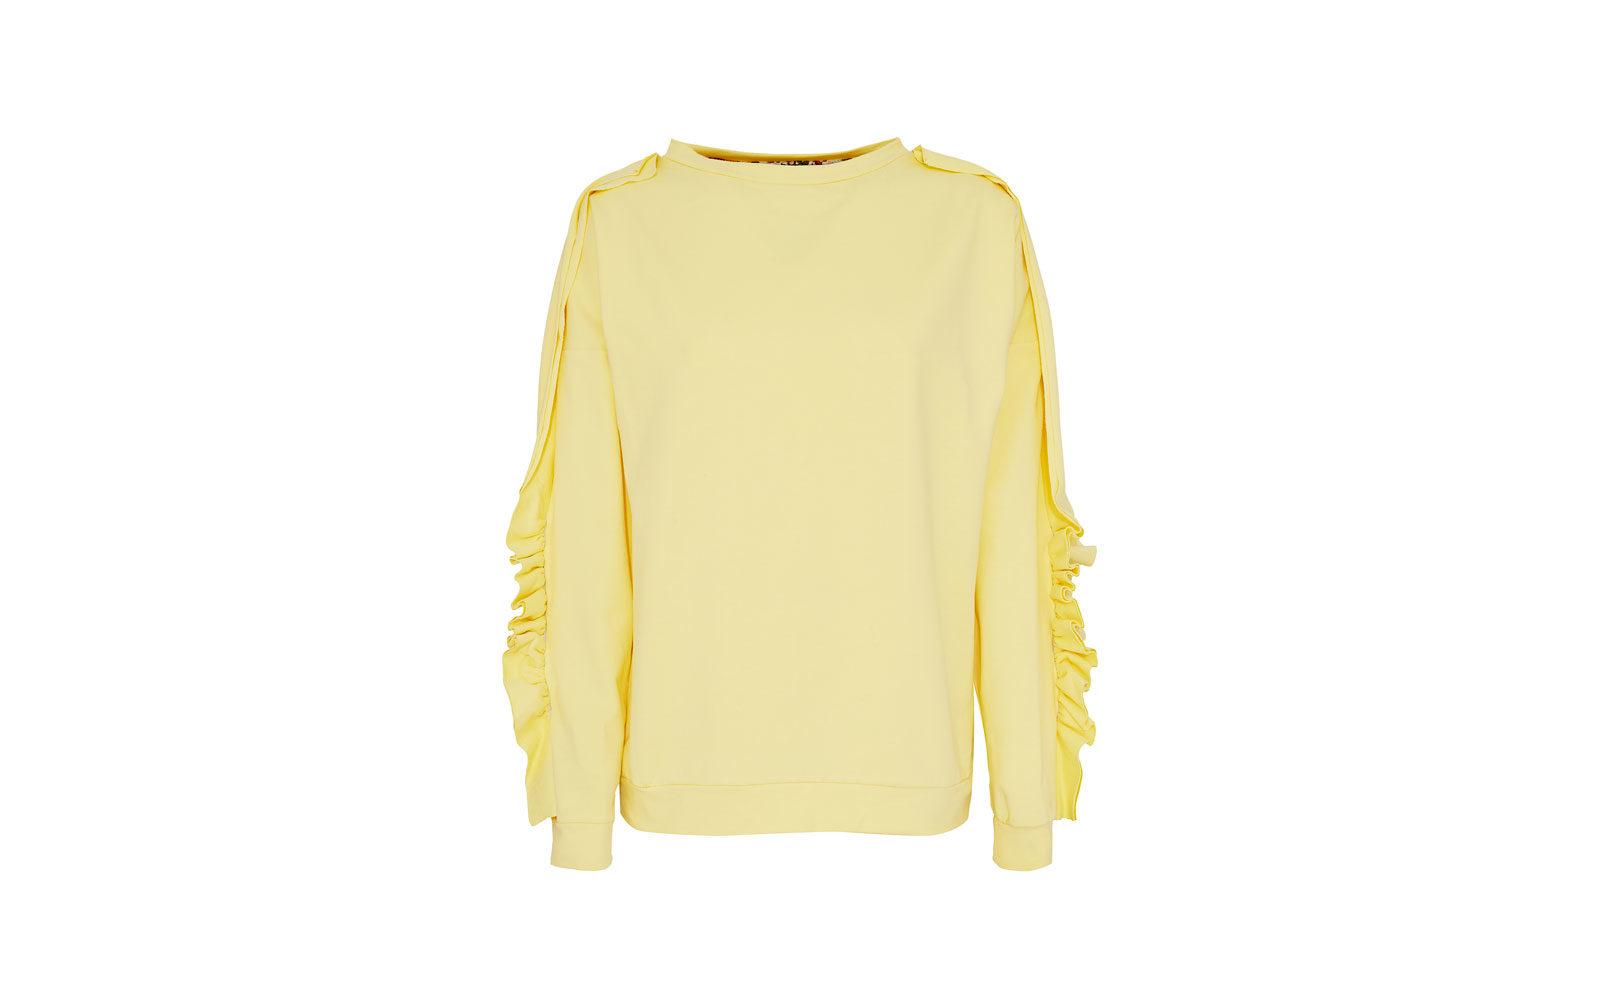 FLO'REIZA felpa in cotone giallo canarino, con ruches sulle maniche. 39,95 euro  www.floreiza.it